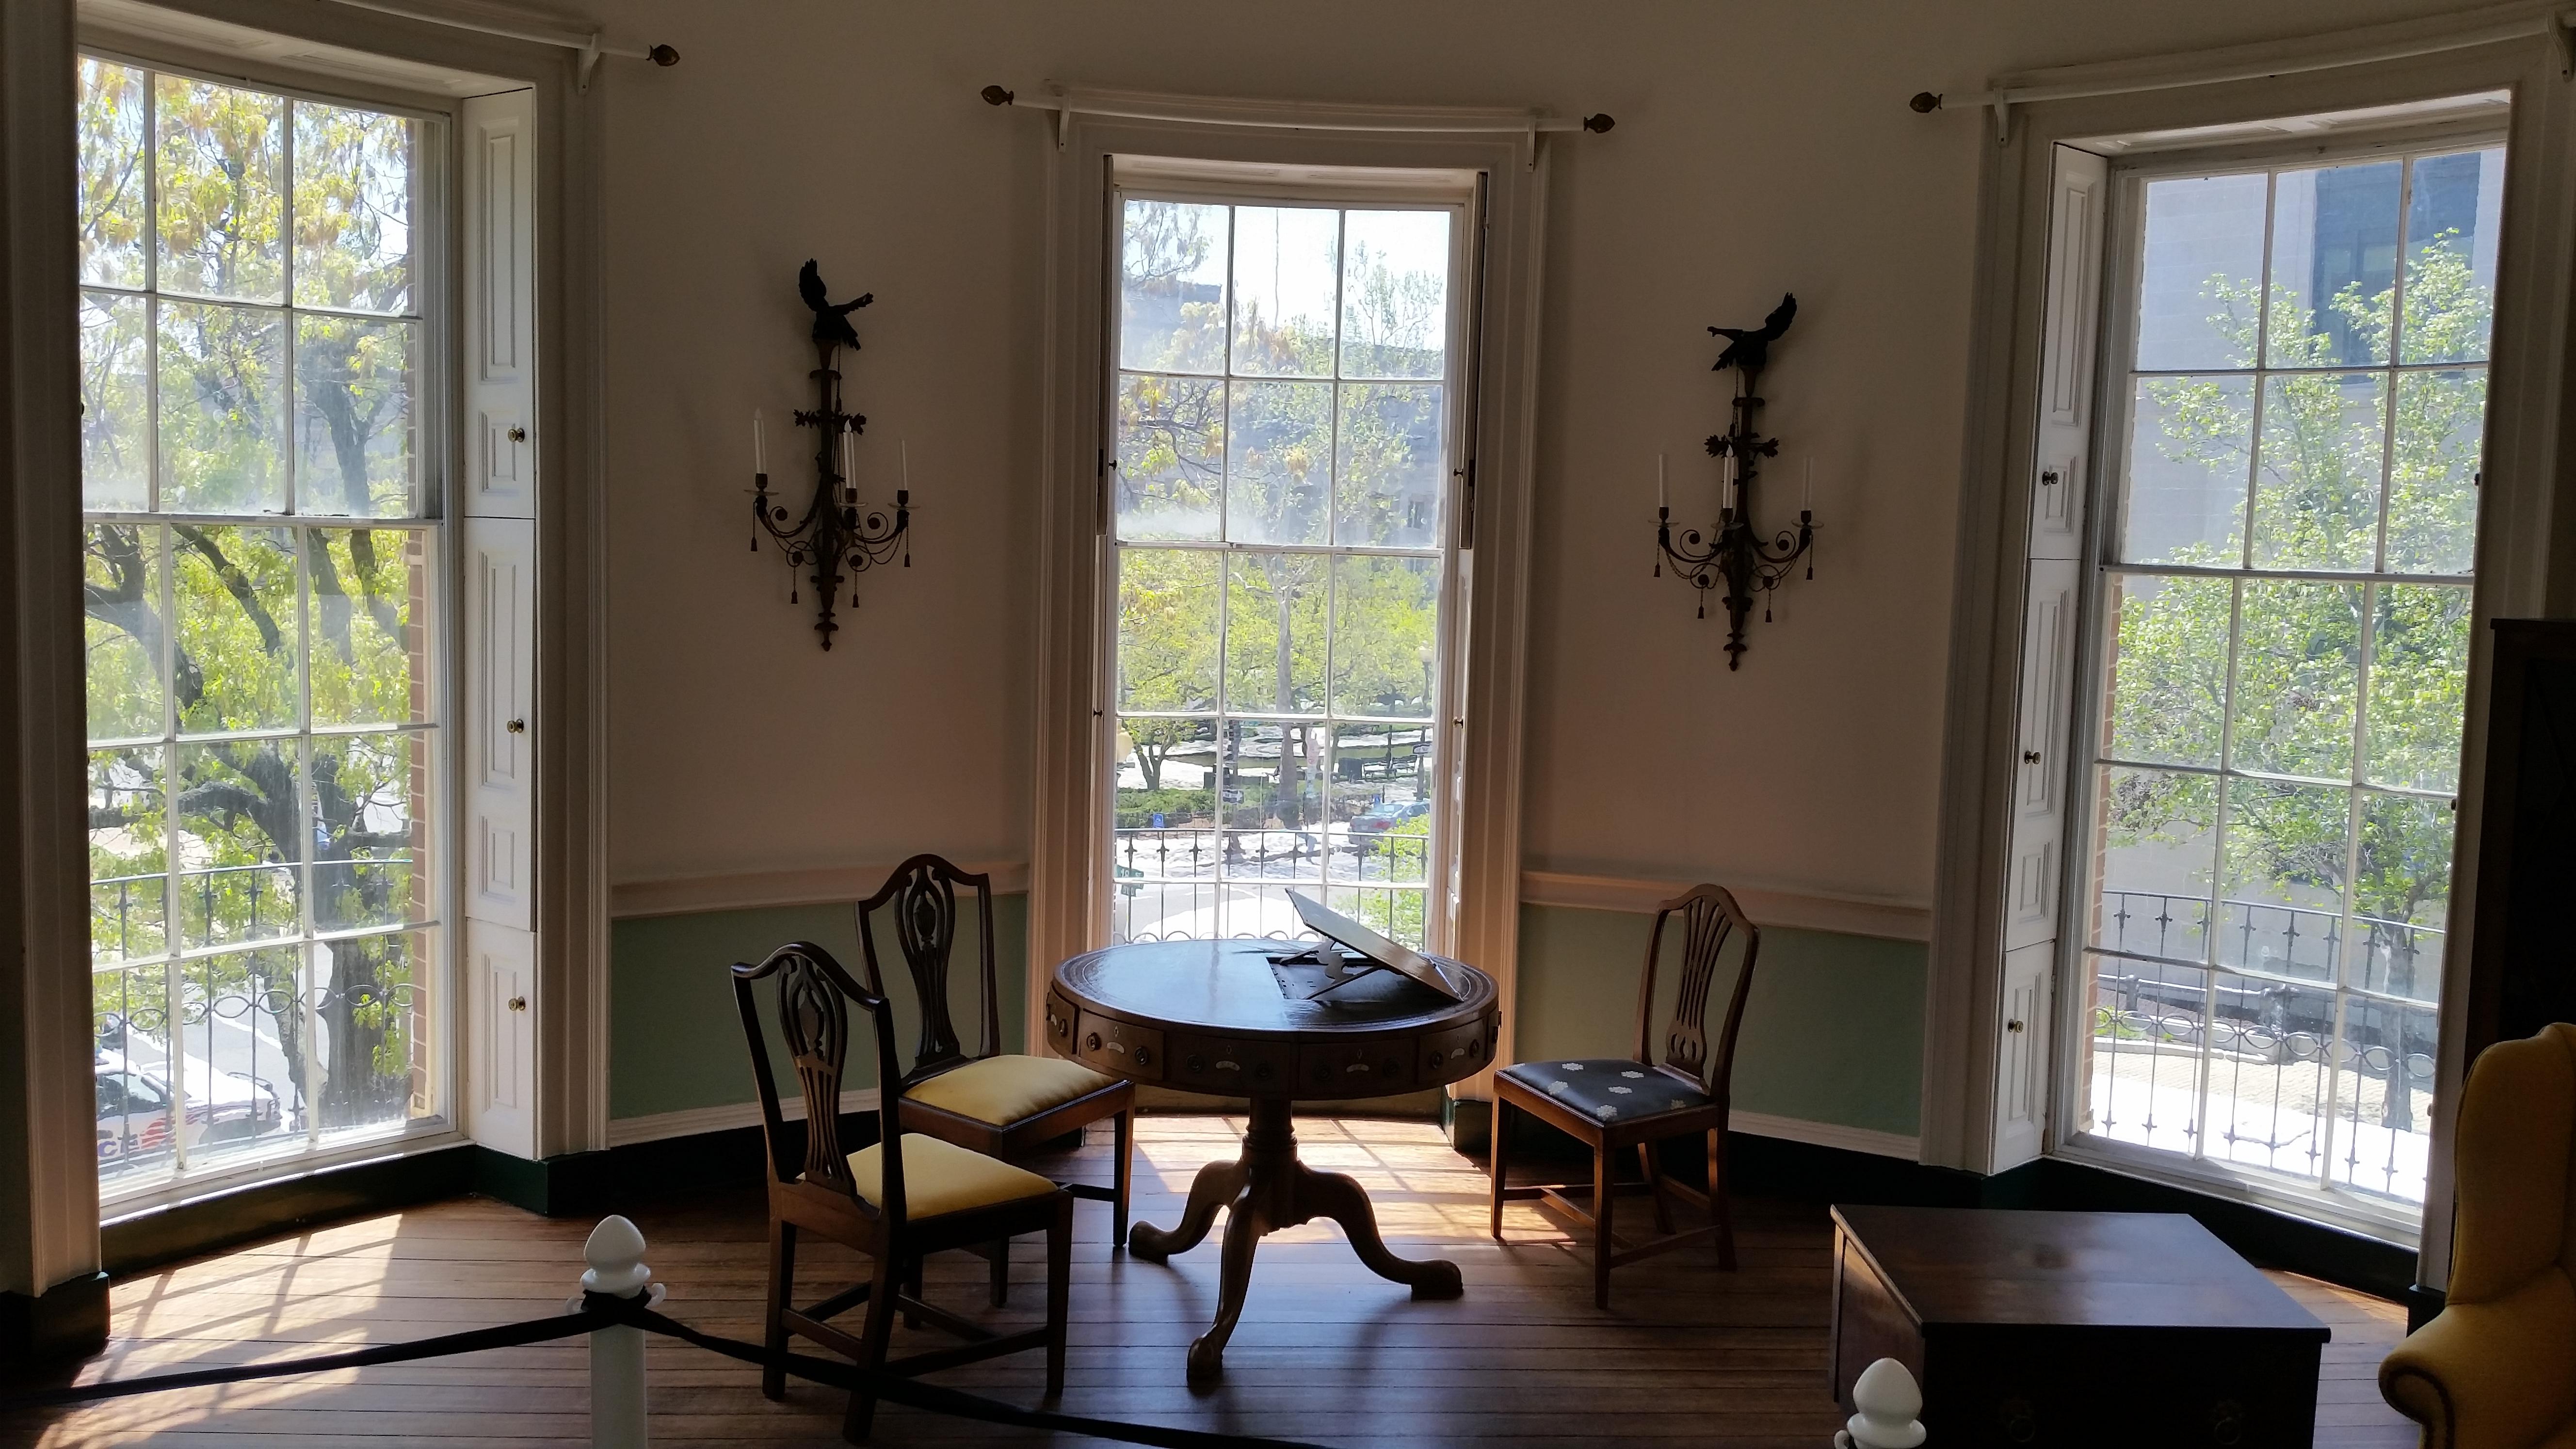 Treaty Room